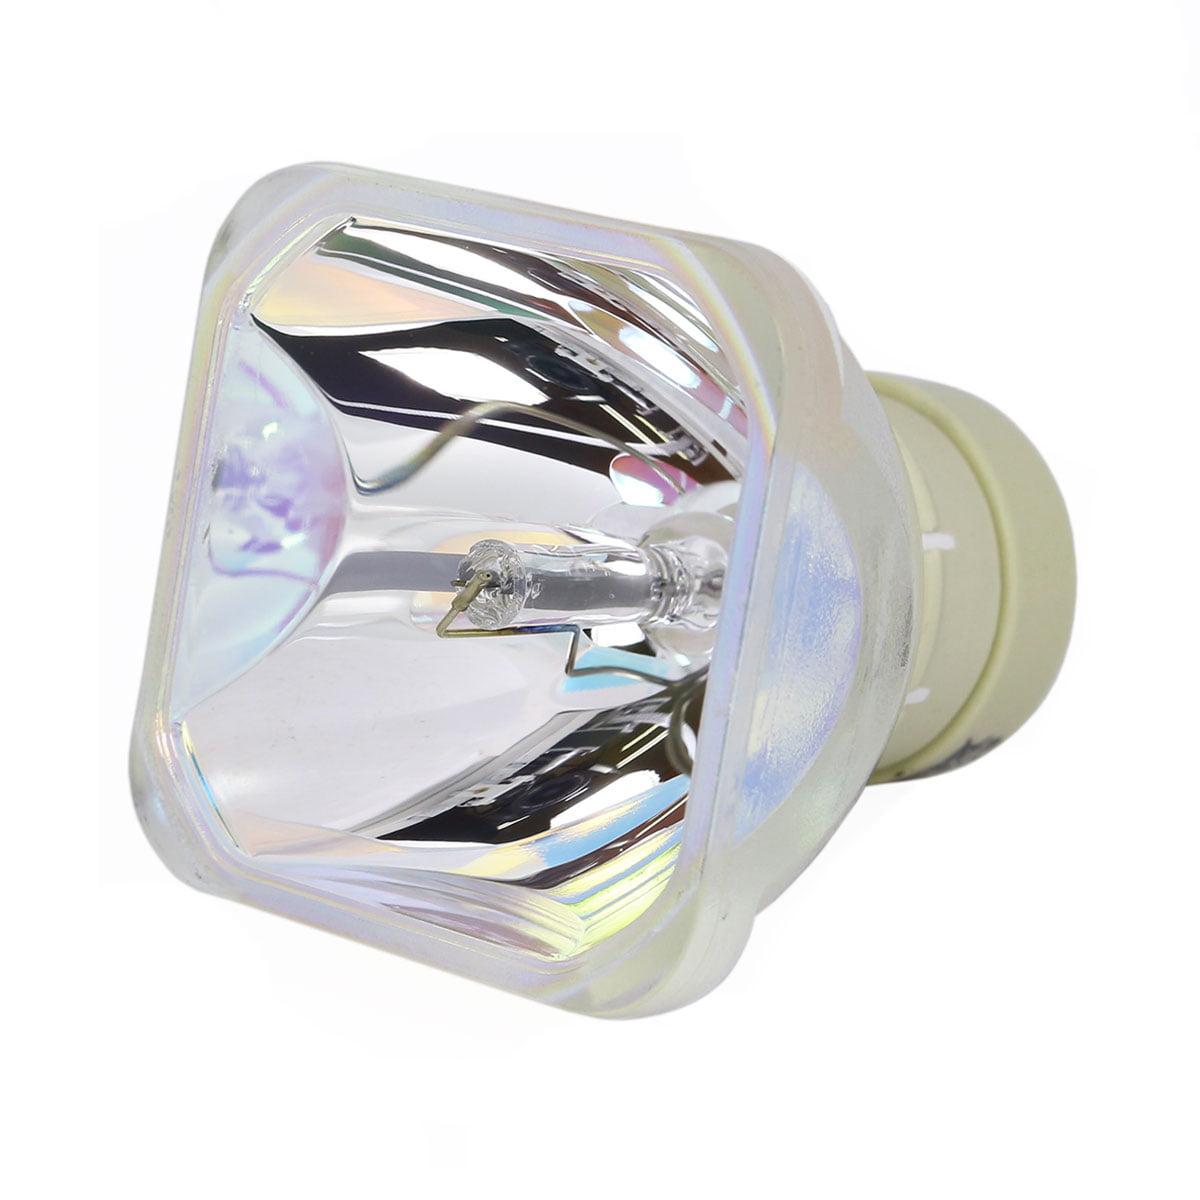 Lampe de rechange Philips originale pour Projecteur Sony VPL-EW348 (ampoule uniquement) - image 5 de 5